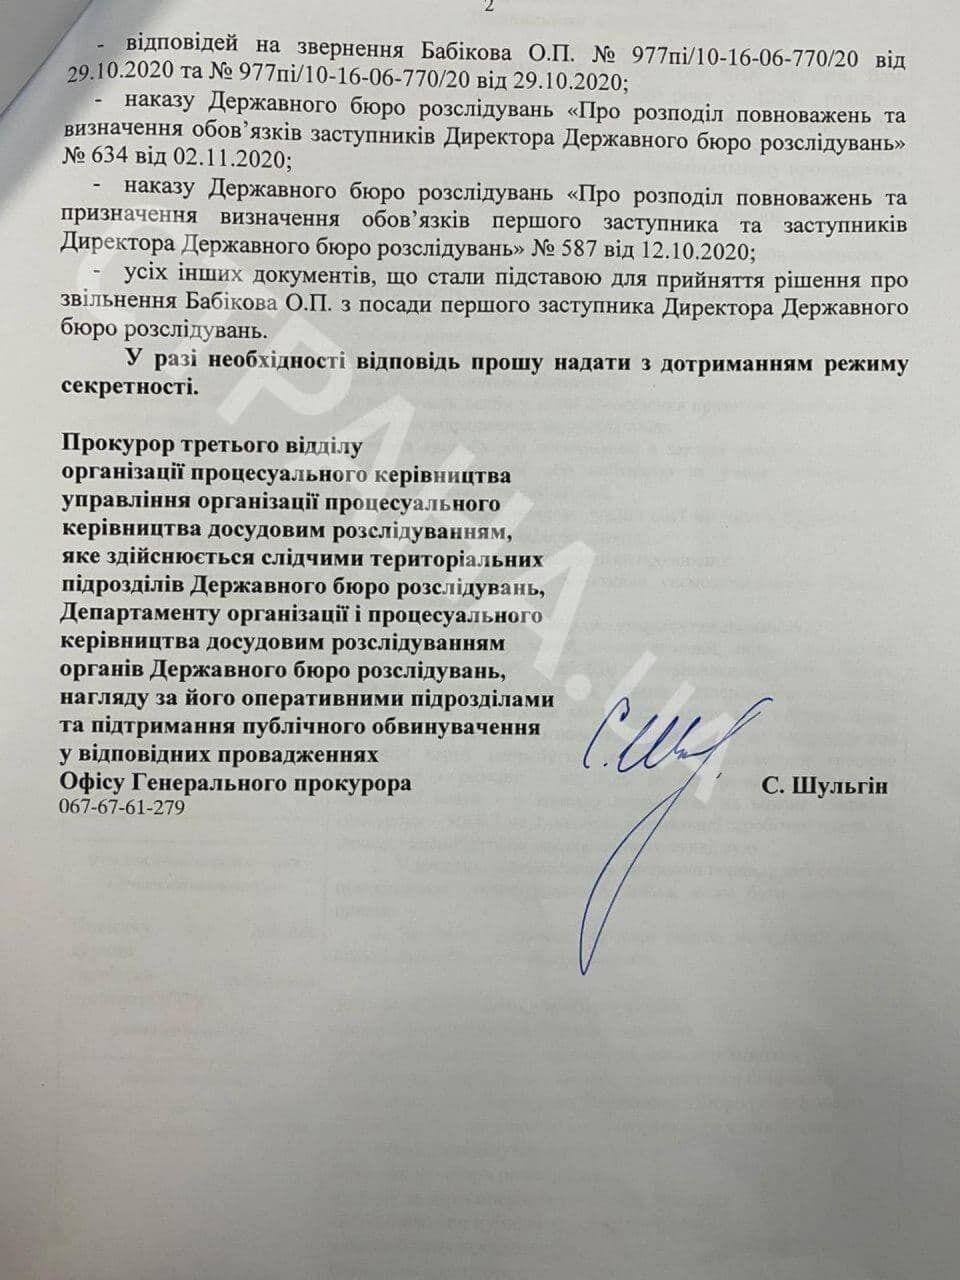 Офис генпрокурора затребовал документы по увольнению Бабикова.